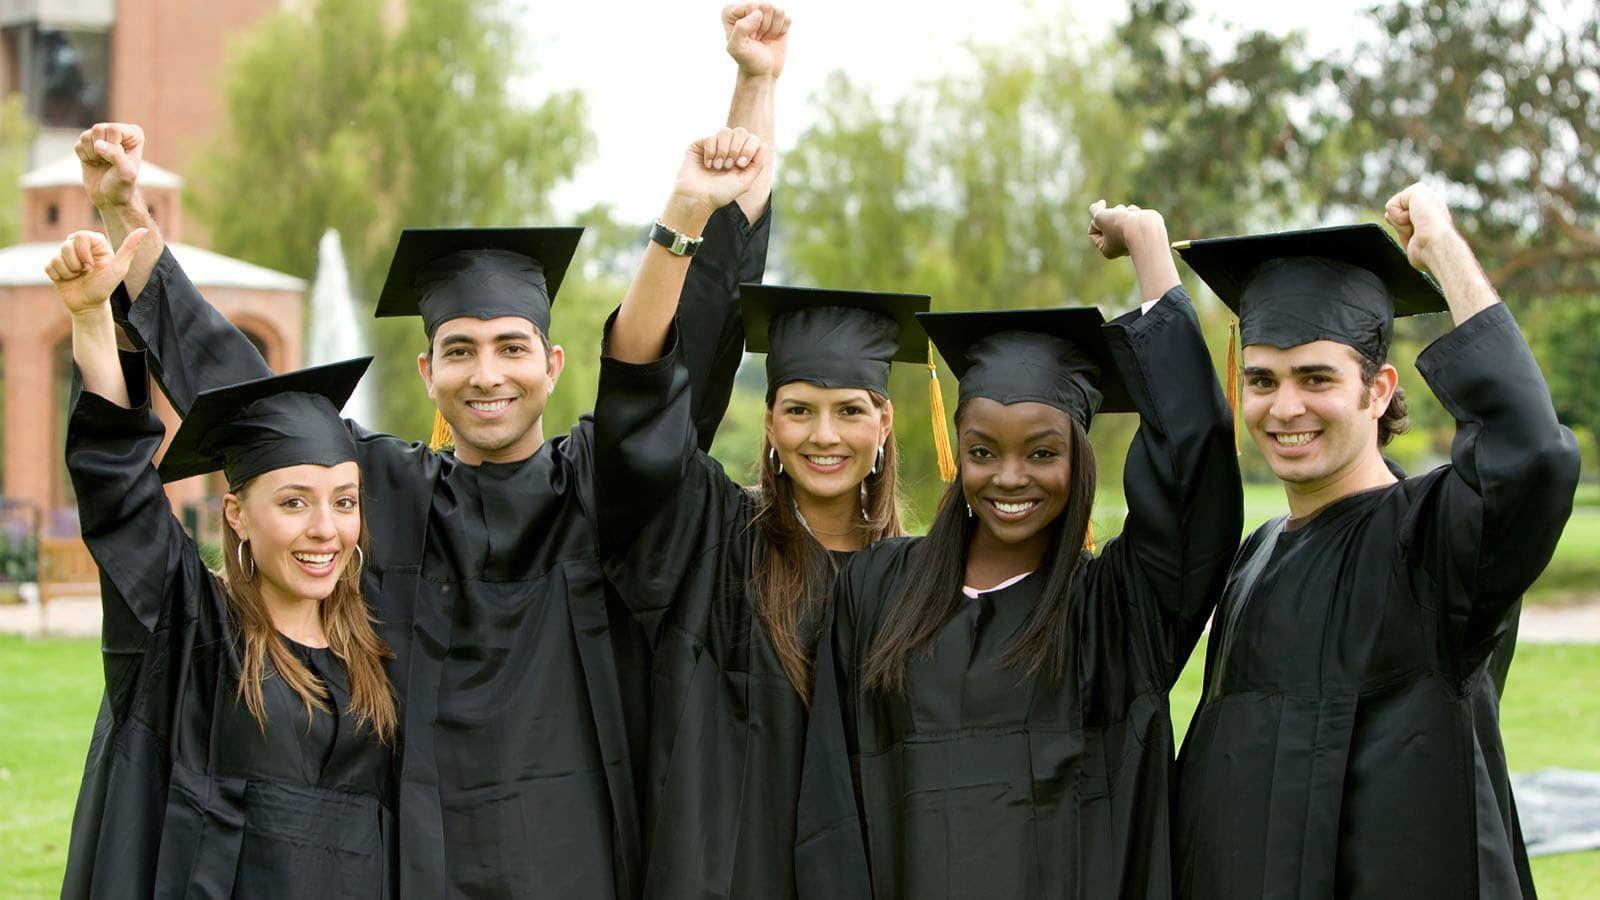 External Fellowships for International Students | Graduate Studies Office